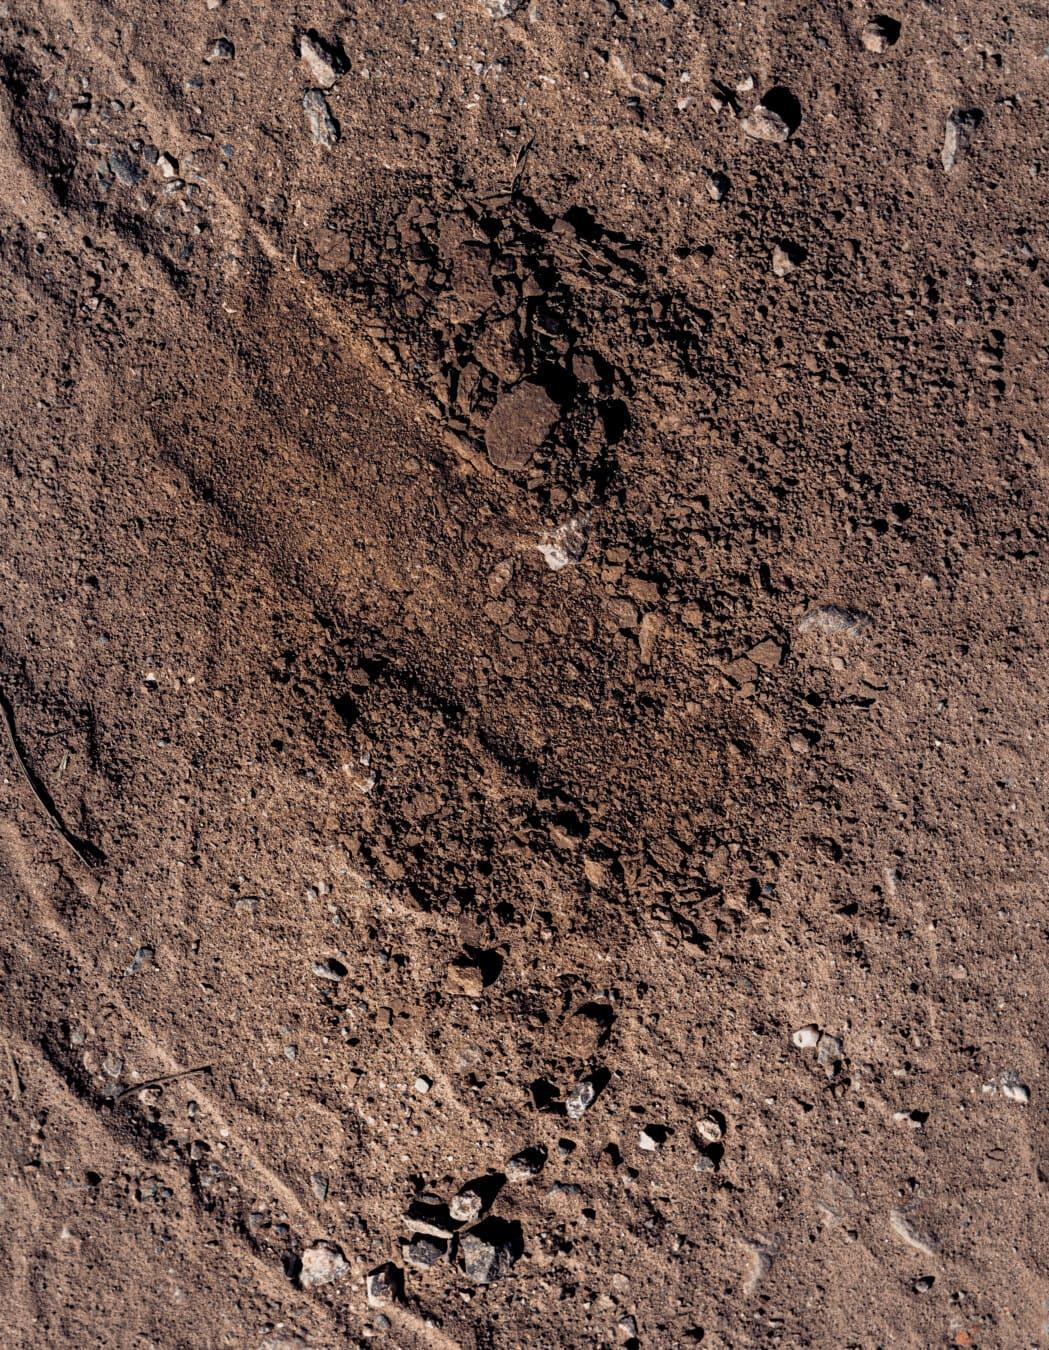 Trockenzeit, Boden, Boden, Kiesel, Staub, Braun, Textur, Material, rau, dreckig